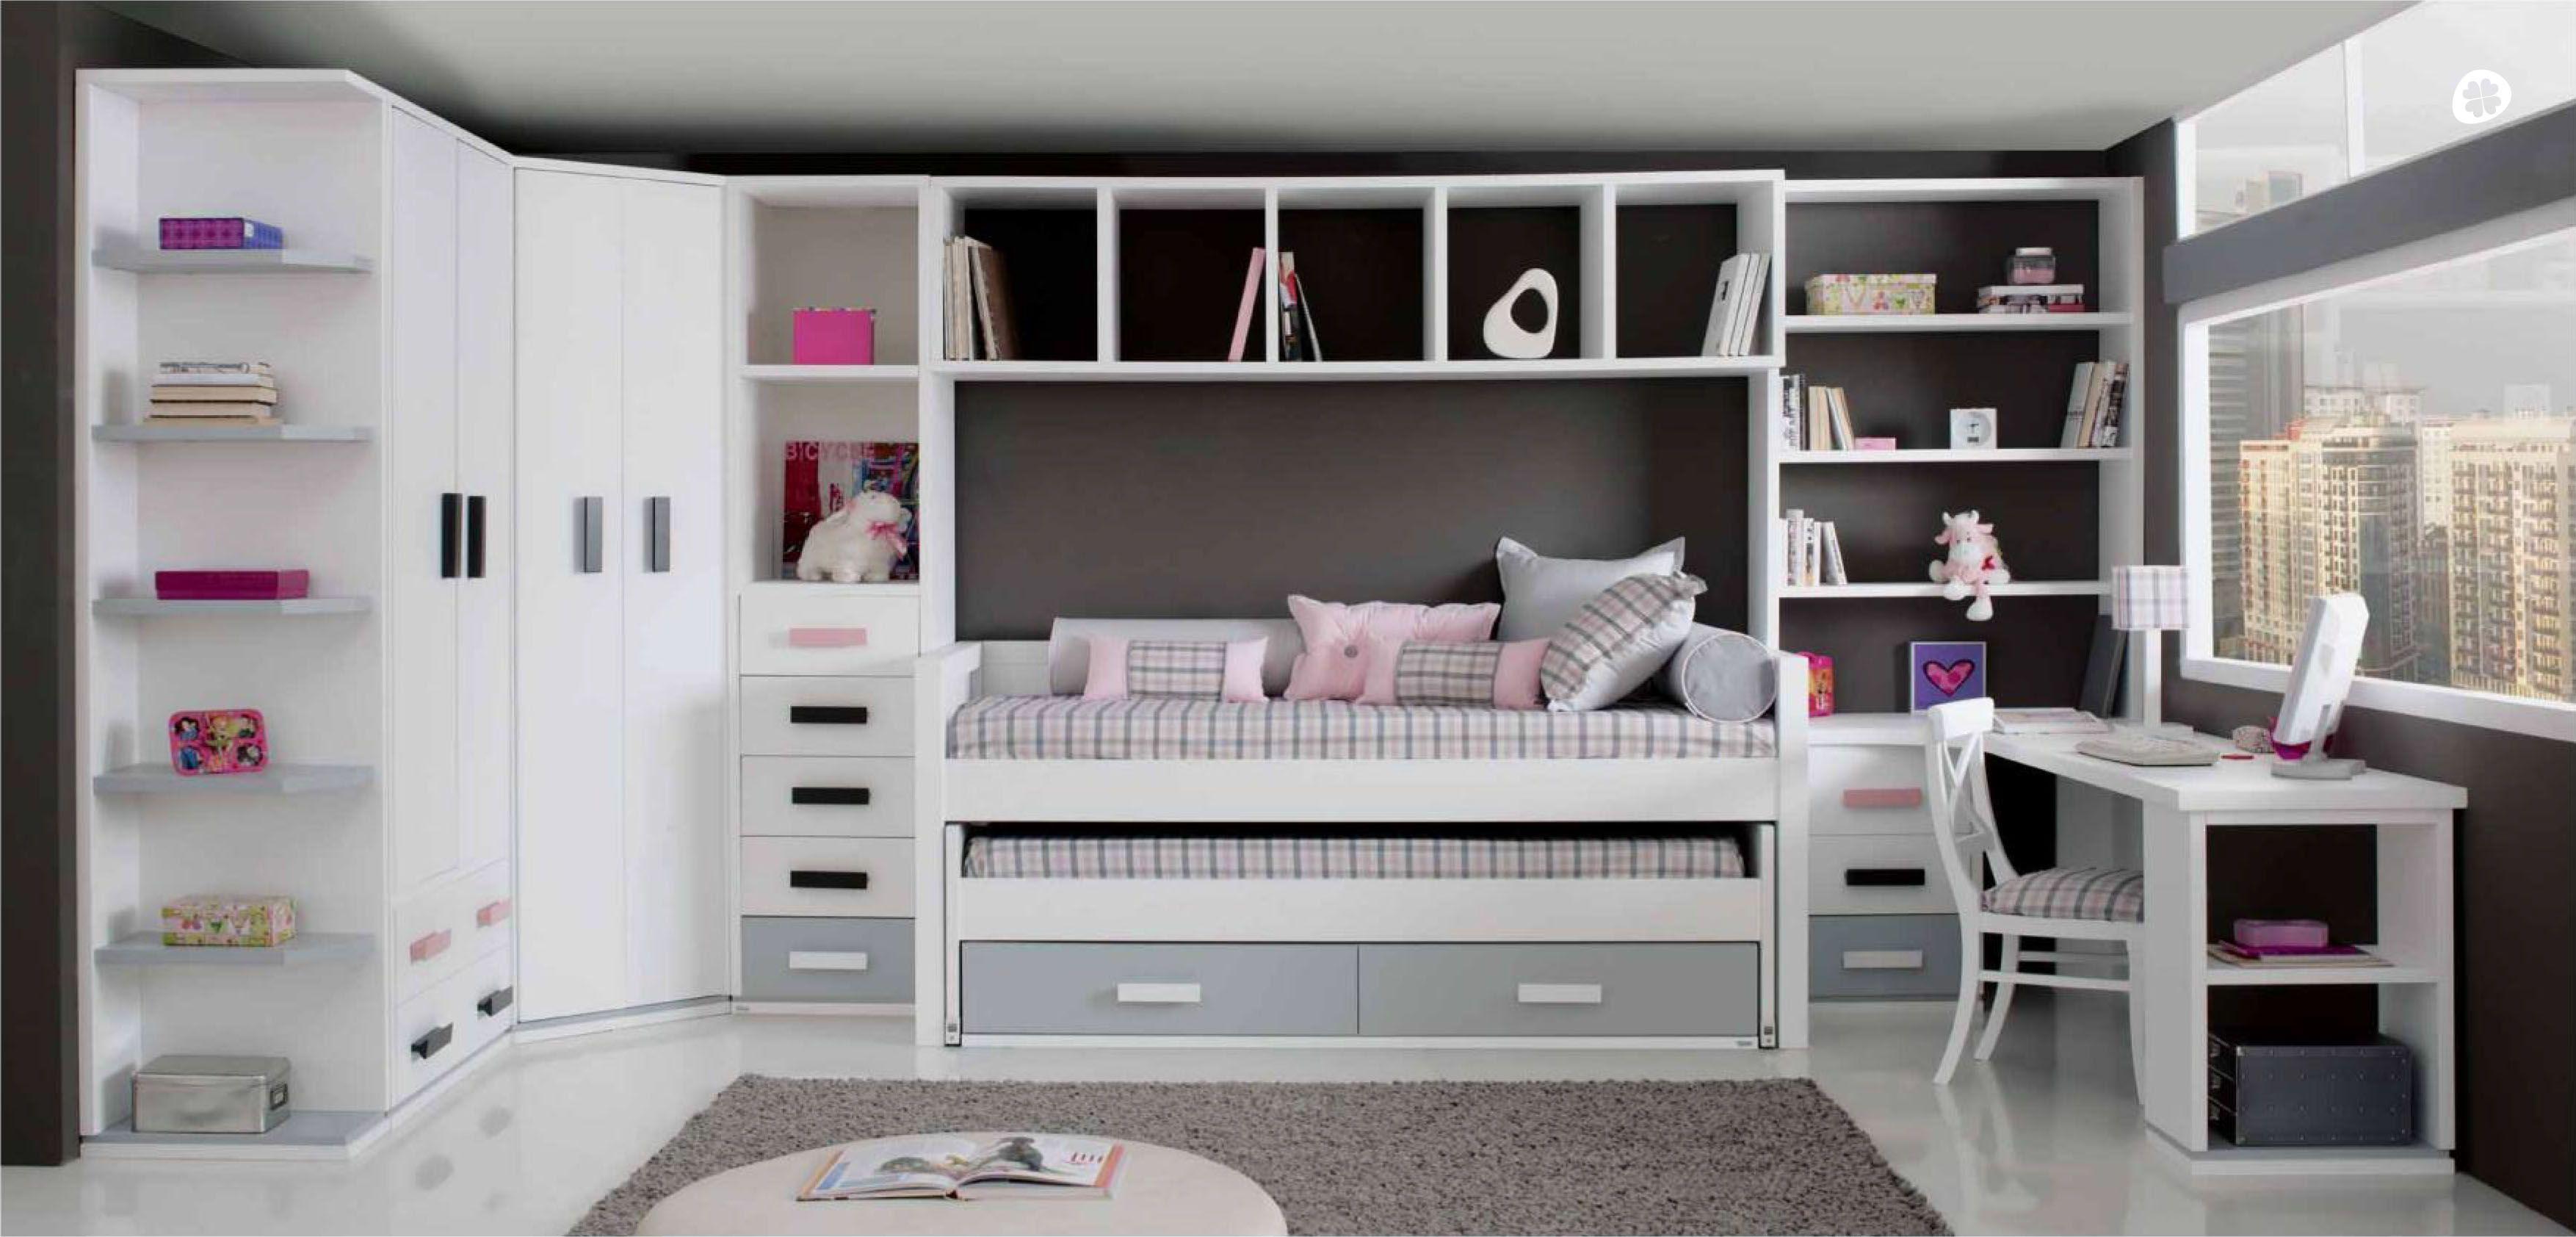 Dormitorio completo para ni os de tr bol escritorio y muebles tienen la posibilidad de hacerse - Muebles para restaurar madrid ...